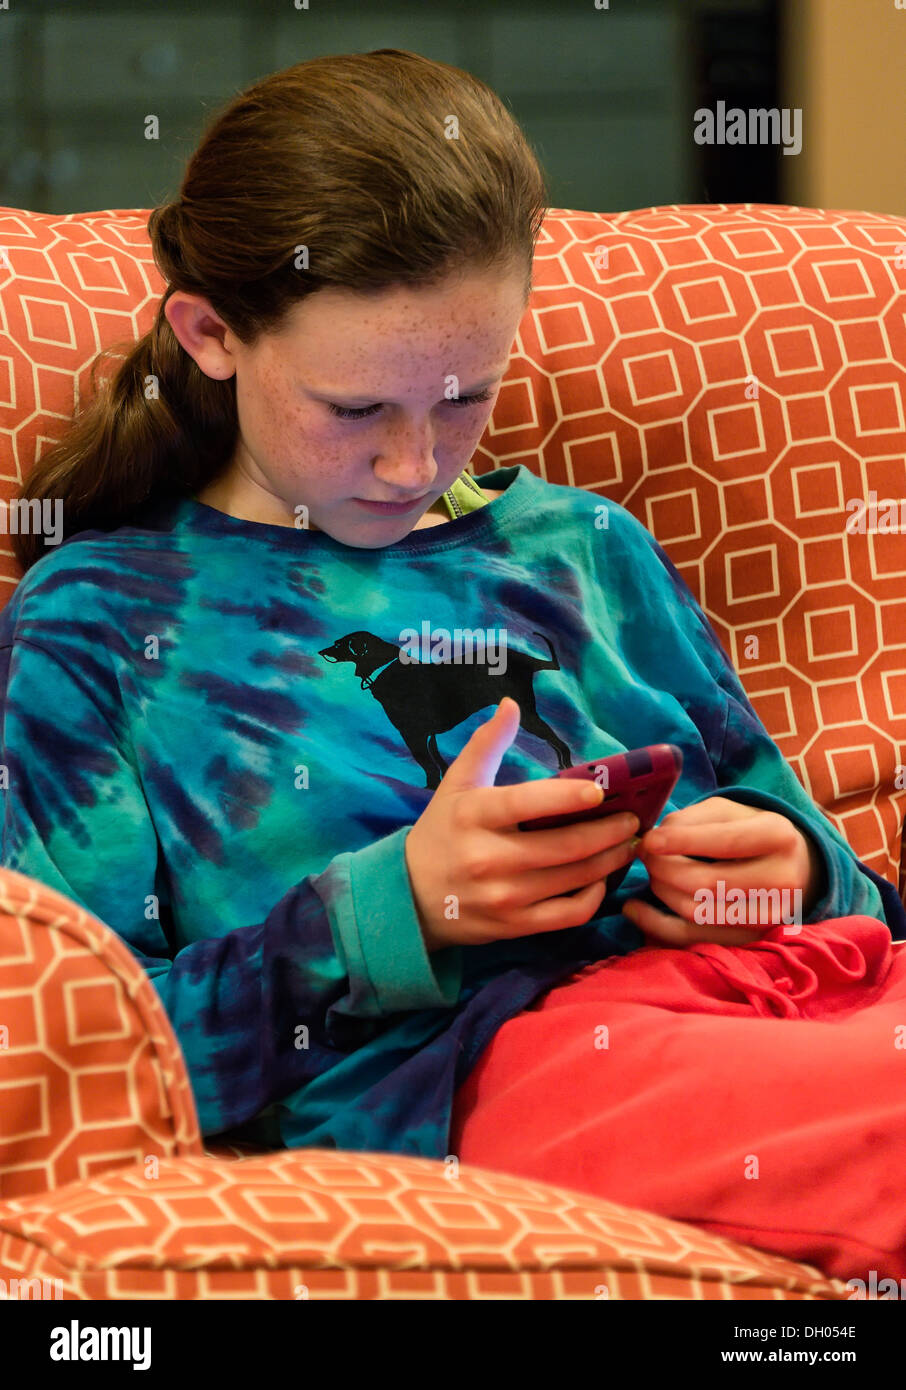 Ragazza di dodici anni la lettura di un messaggio di testo sul suo telefono mobile device. Immagini Stock